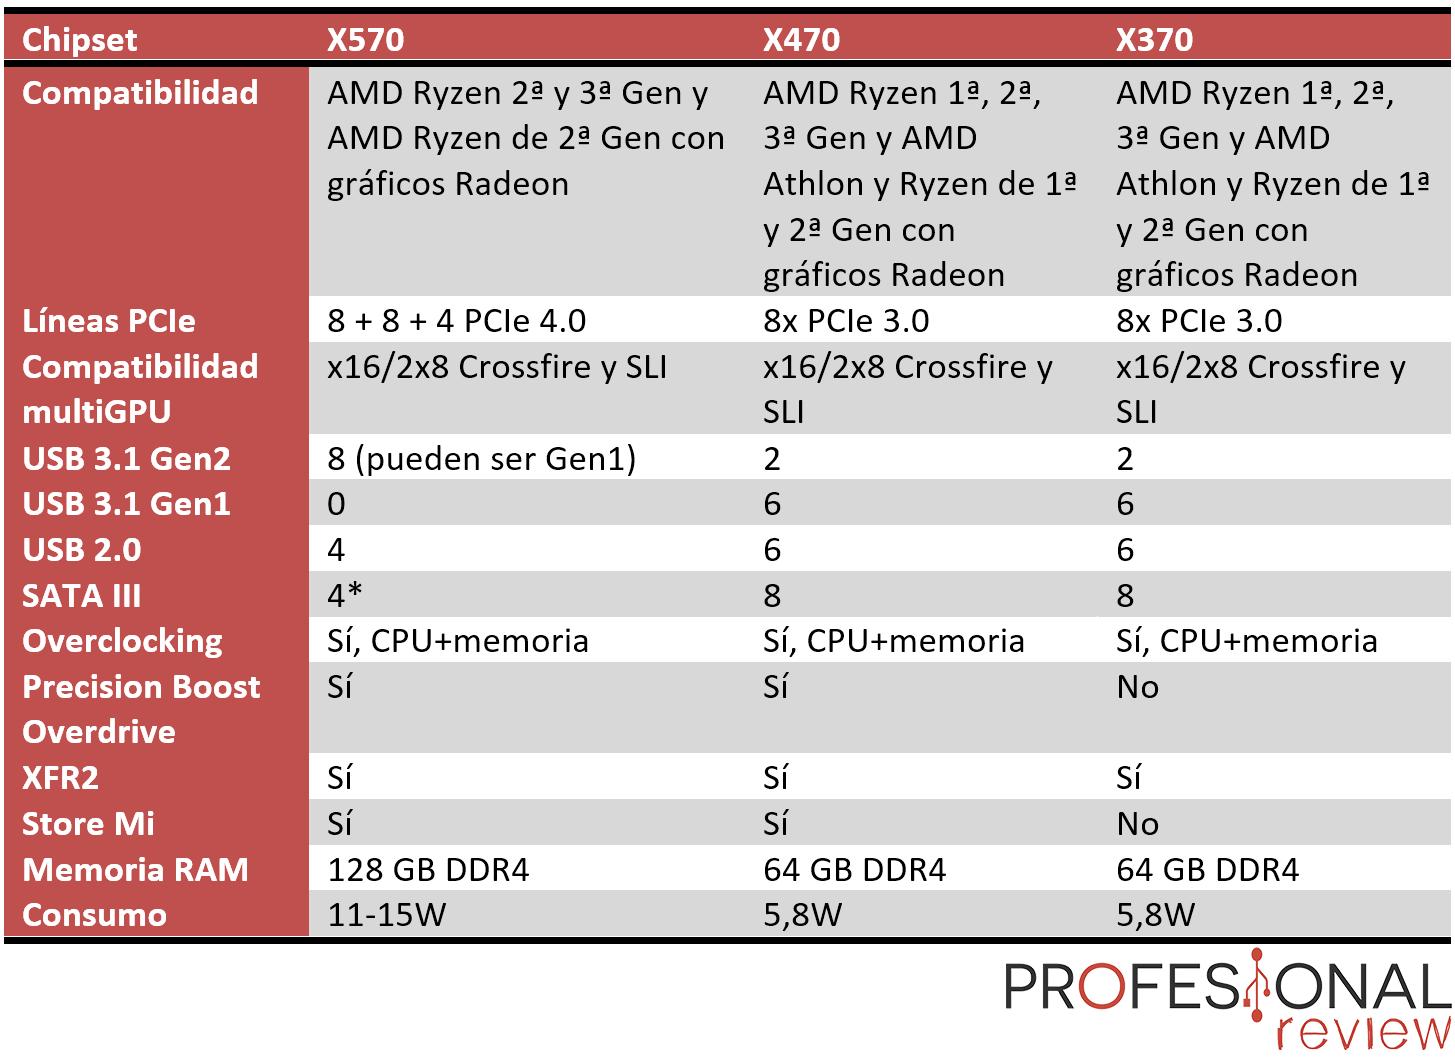 AMD X570 vs X470 vs X370